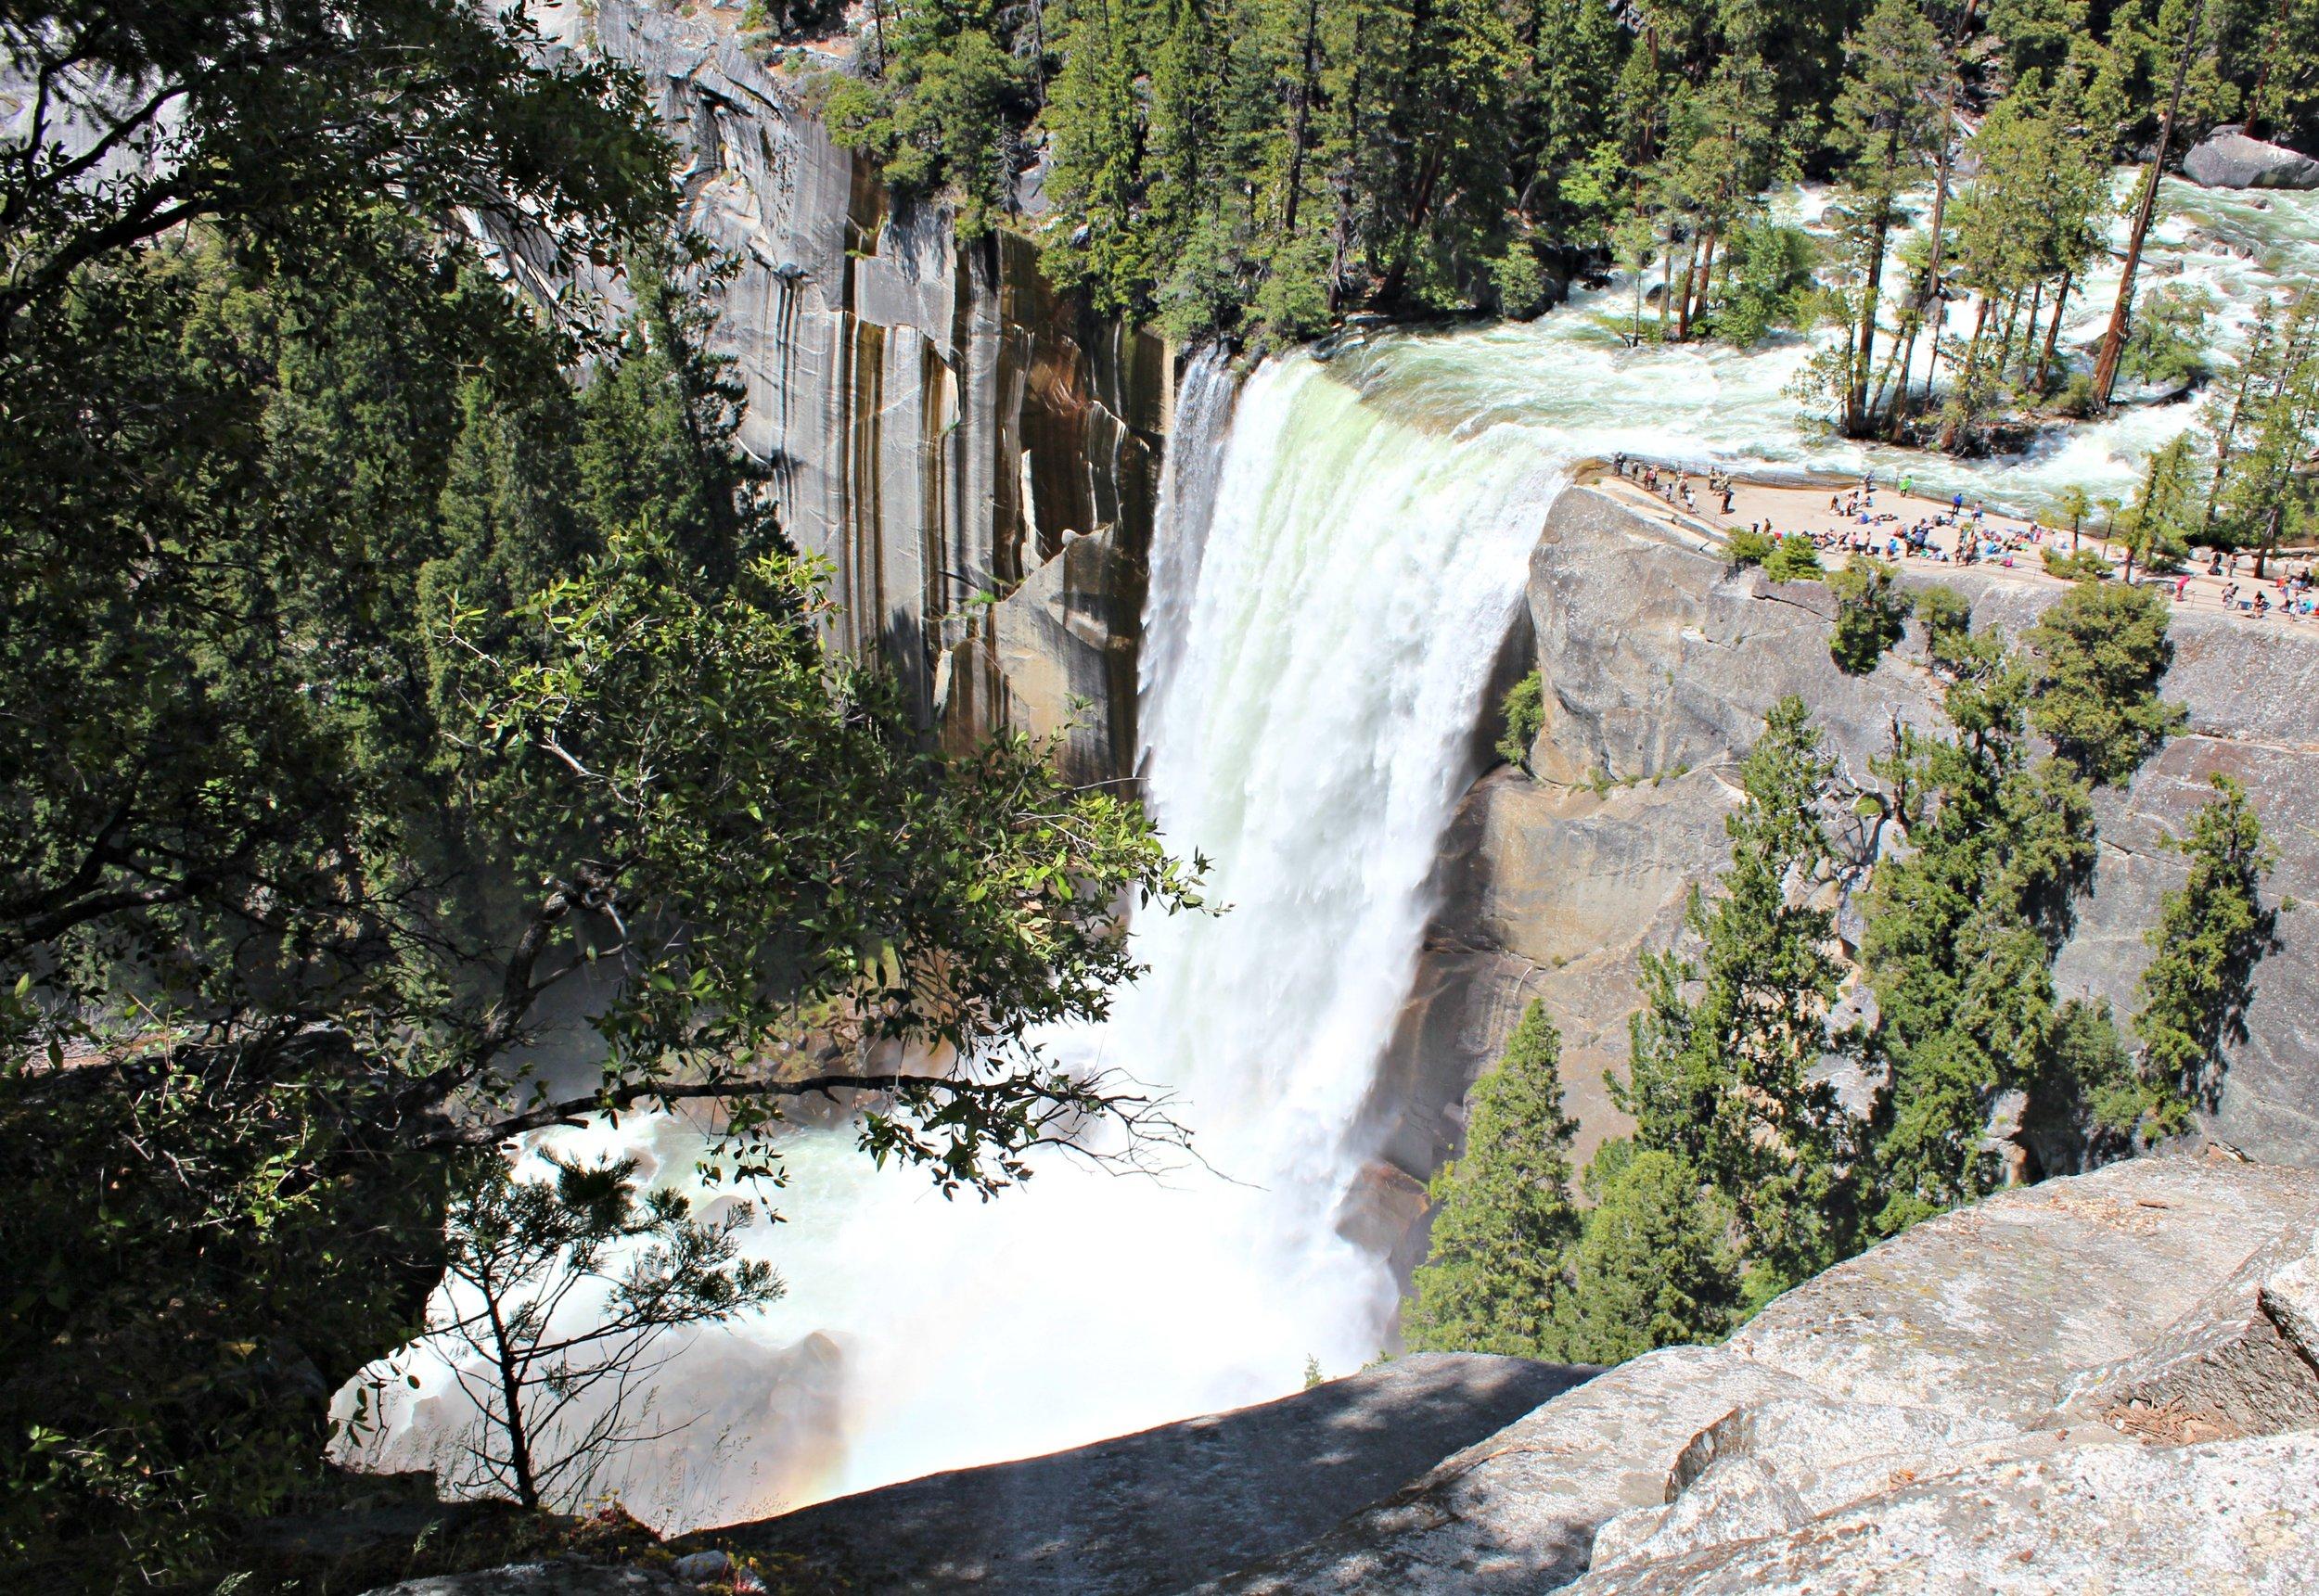 yosemite-vernal-falls-overlook-john-muir-trail